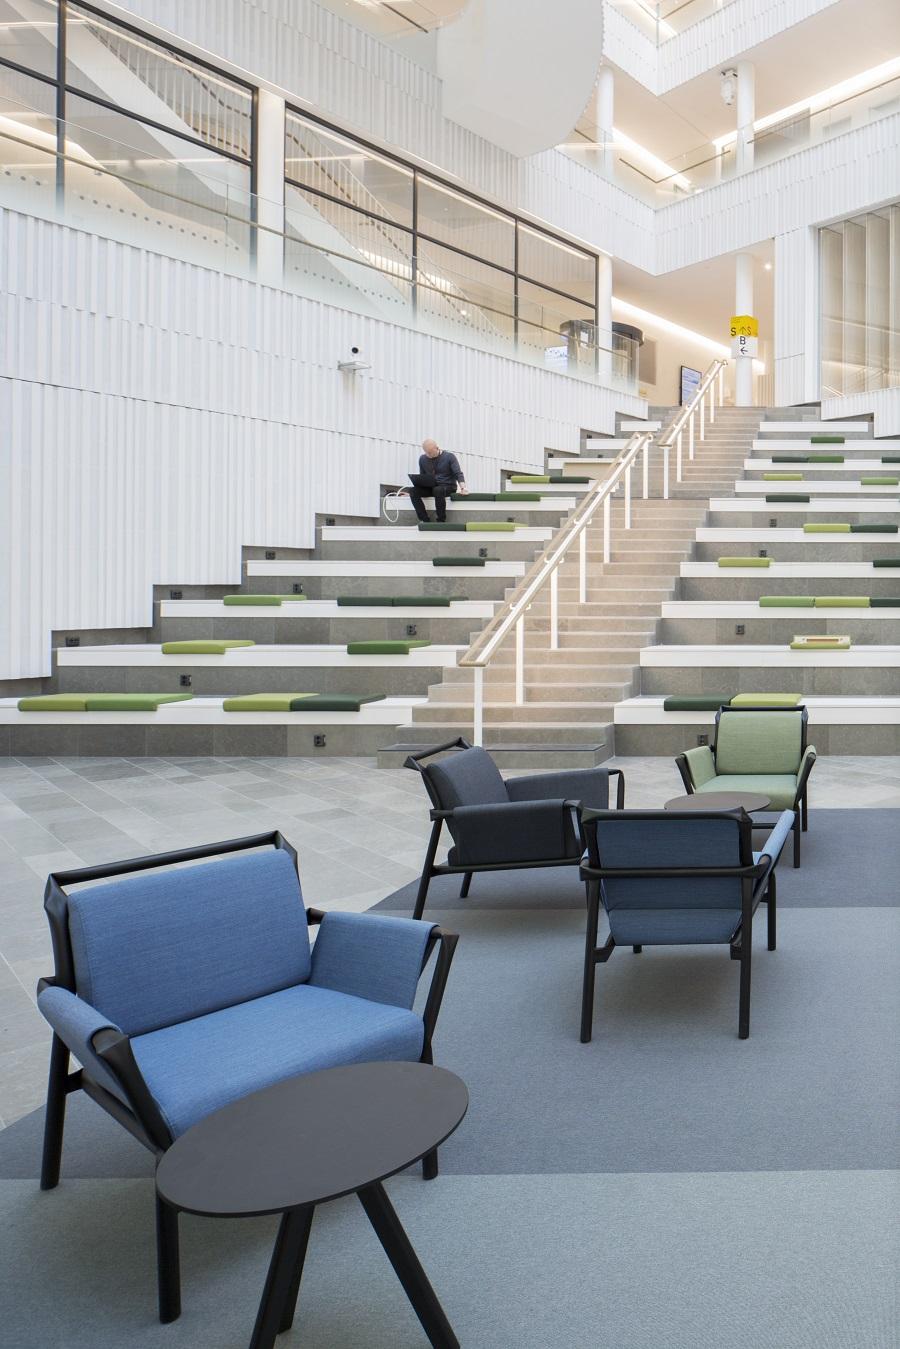 Matta Metric Superior 1016 under sittgrupper på SEB, projekt av Wingårdhs.